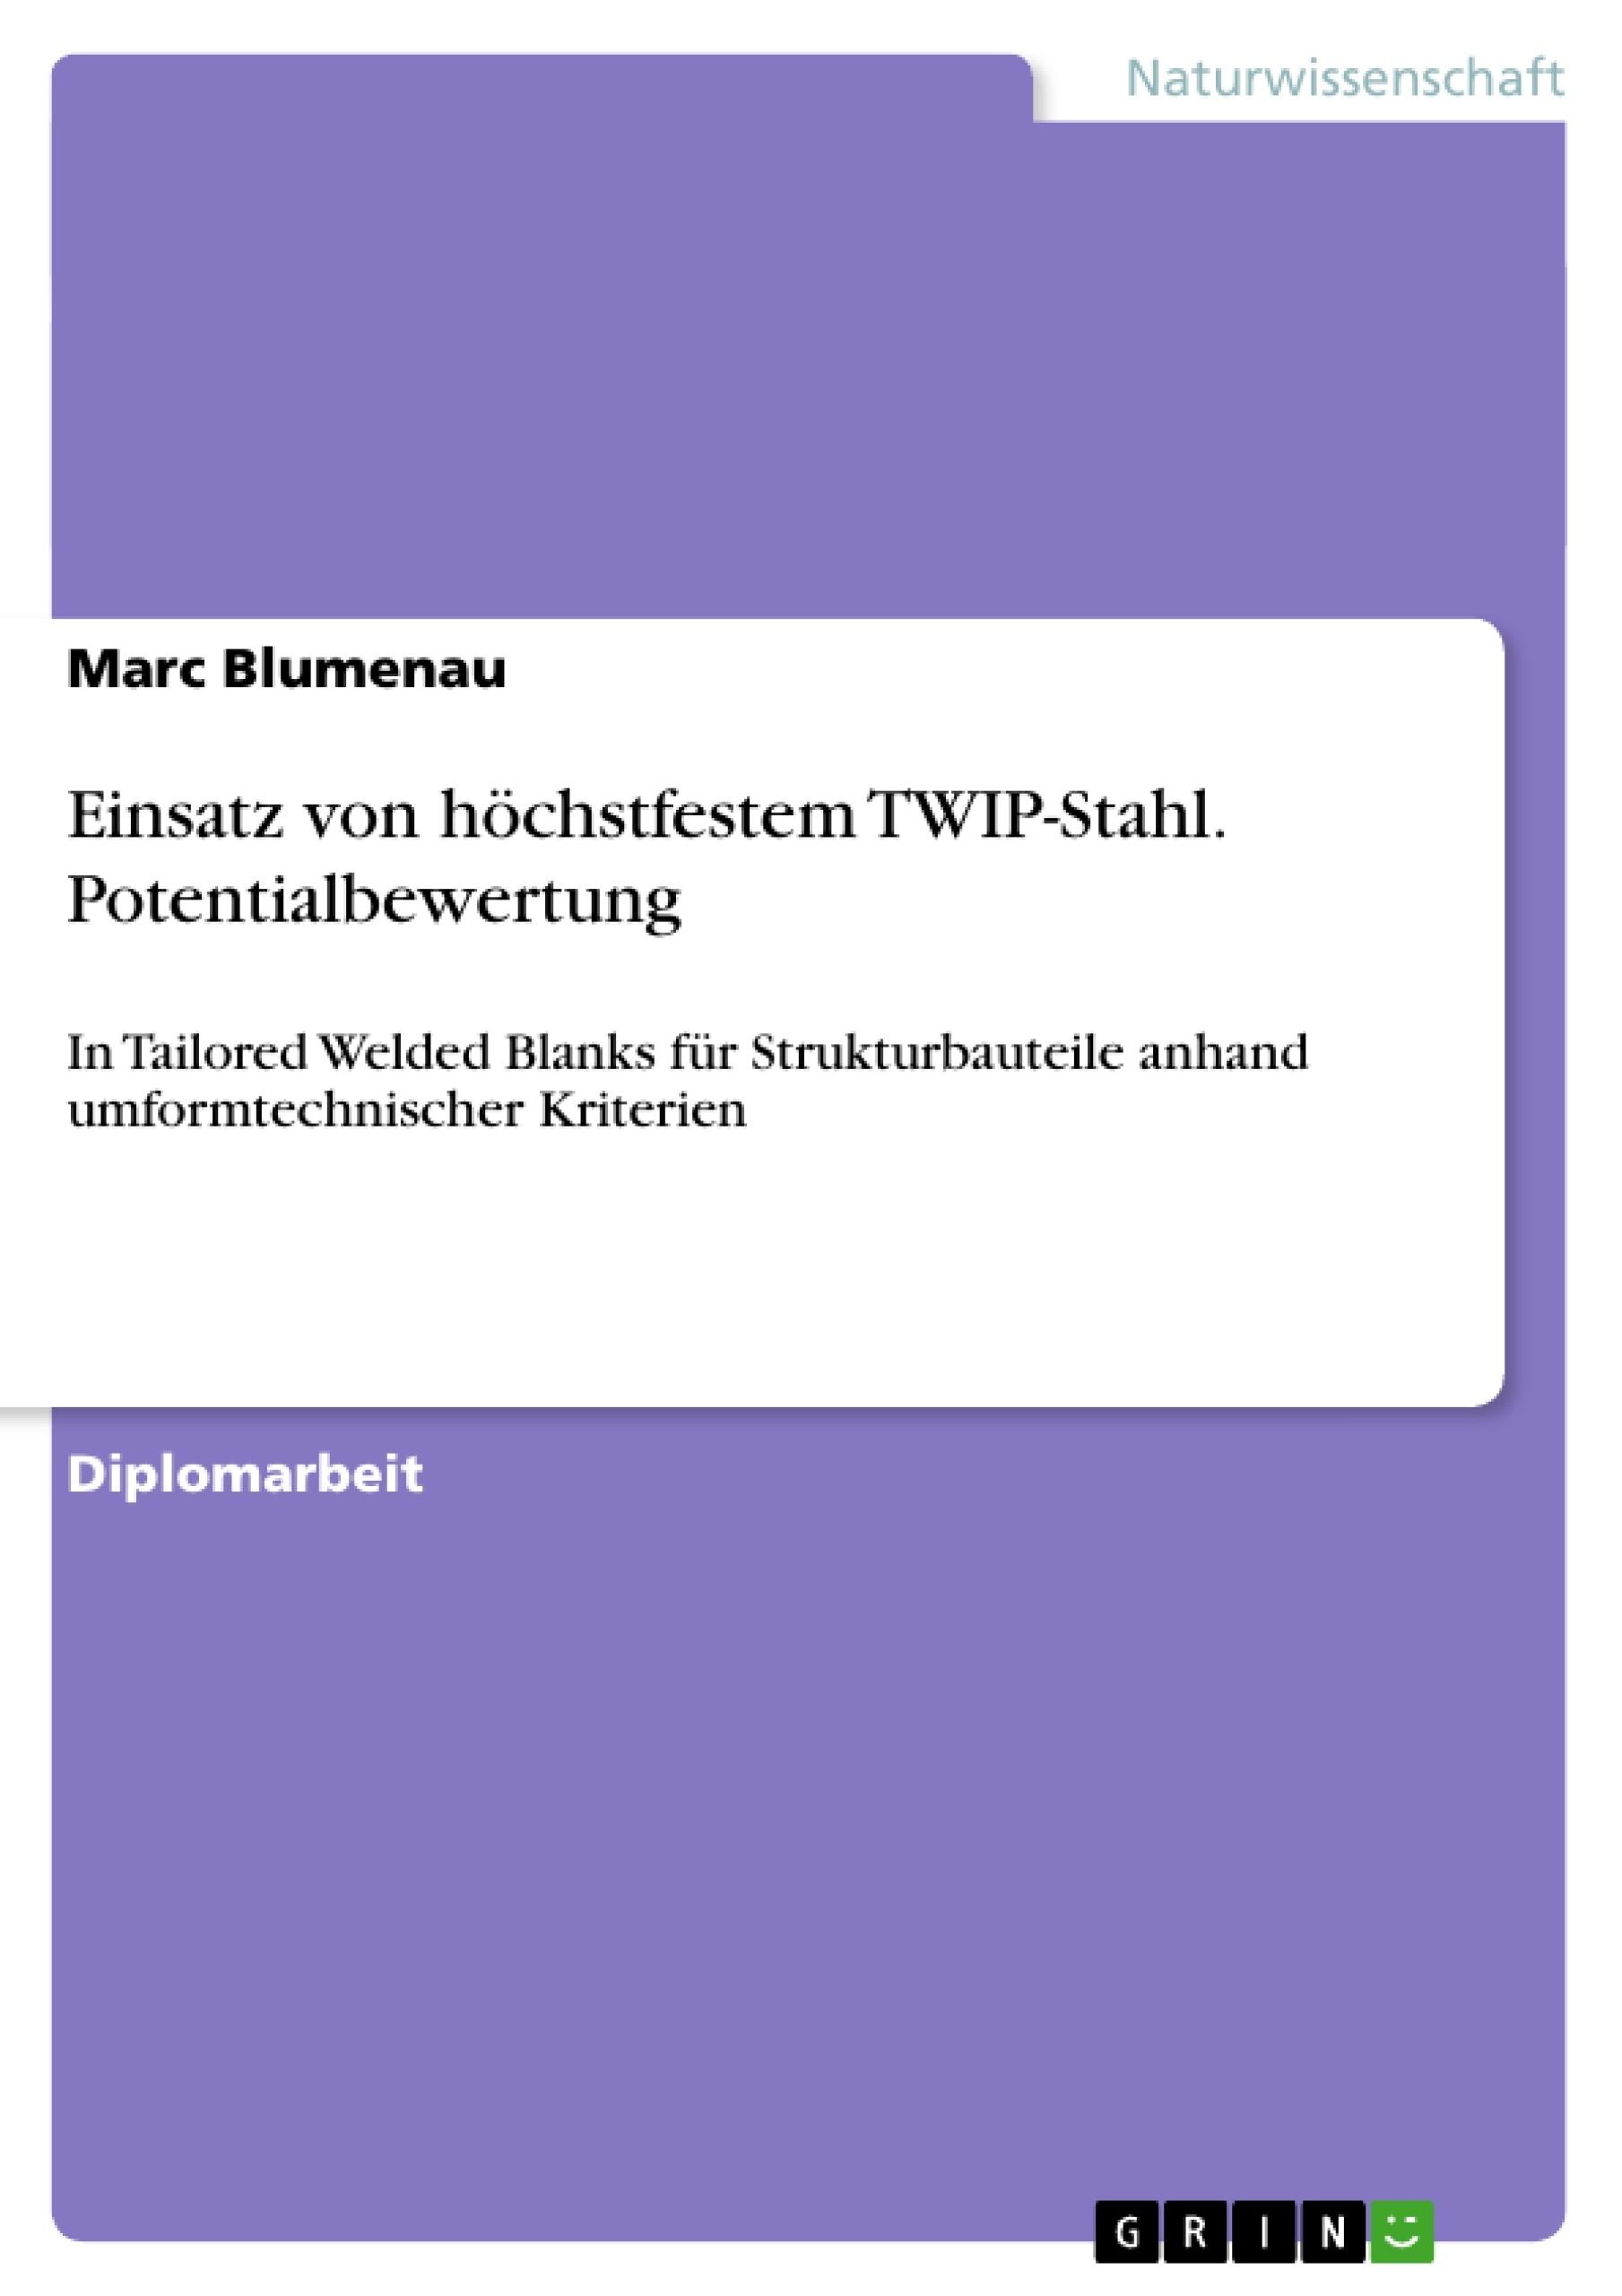 Titel: Einsatz von höchstfestem TWIP-Stahl. Potentialbewertung